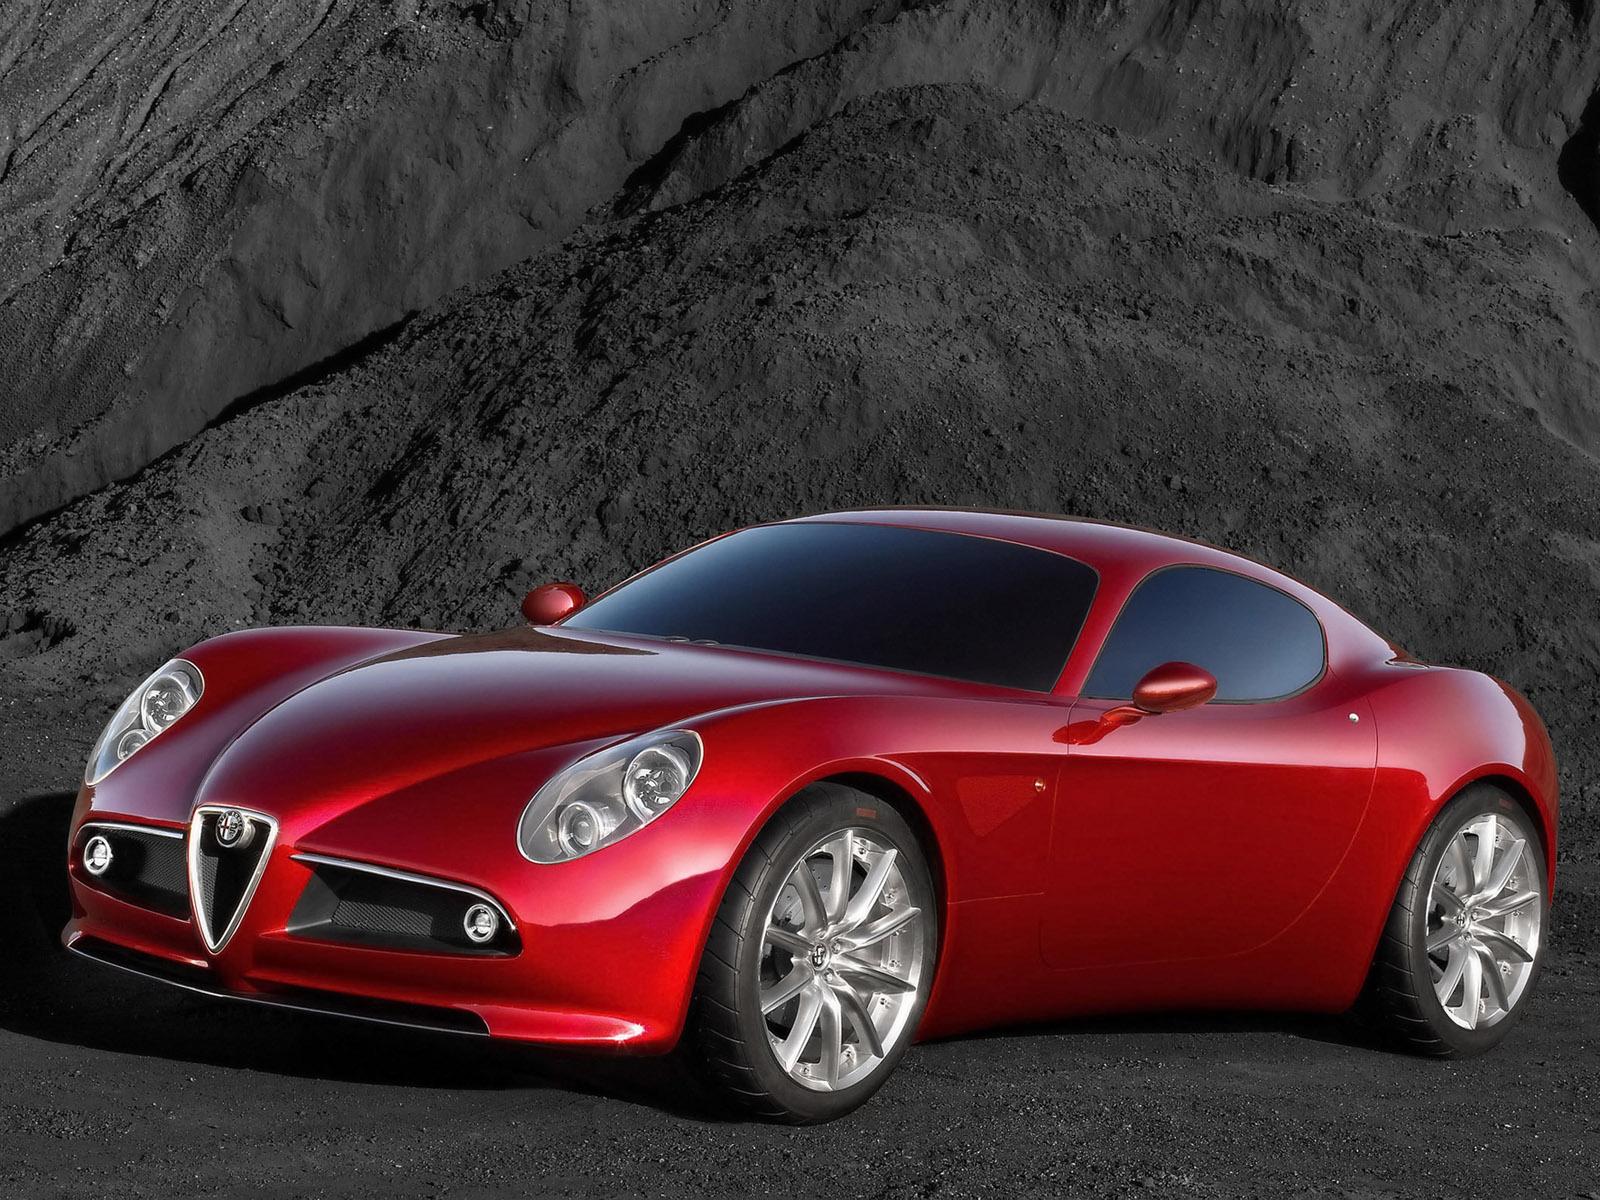 http://4.bp.blogspot.com/-5idJbooMbqQ/TVxeCco_U8I/AAAAAAAAA7k/Qt100UkkUNg/s1600/Alfa-Romeo-8C-Competizione-Wallpaper_17220111.jpg